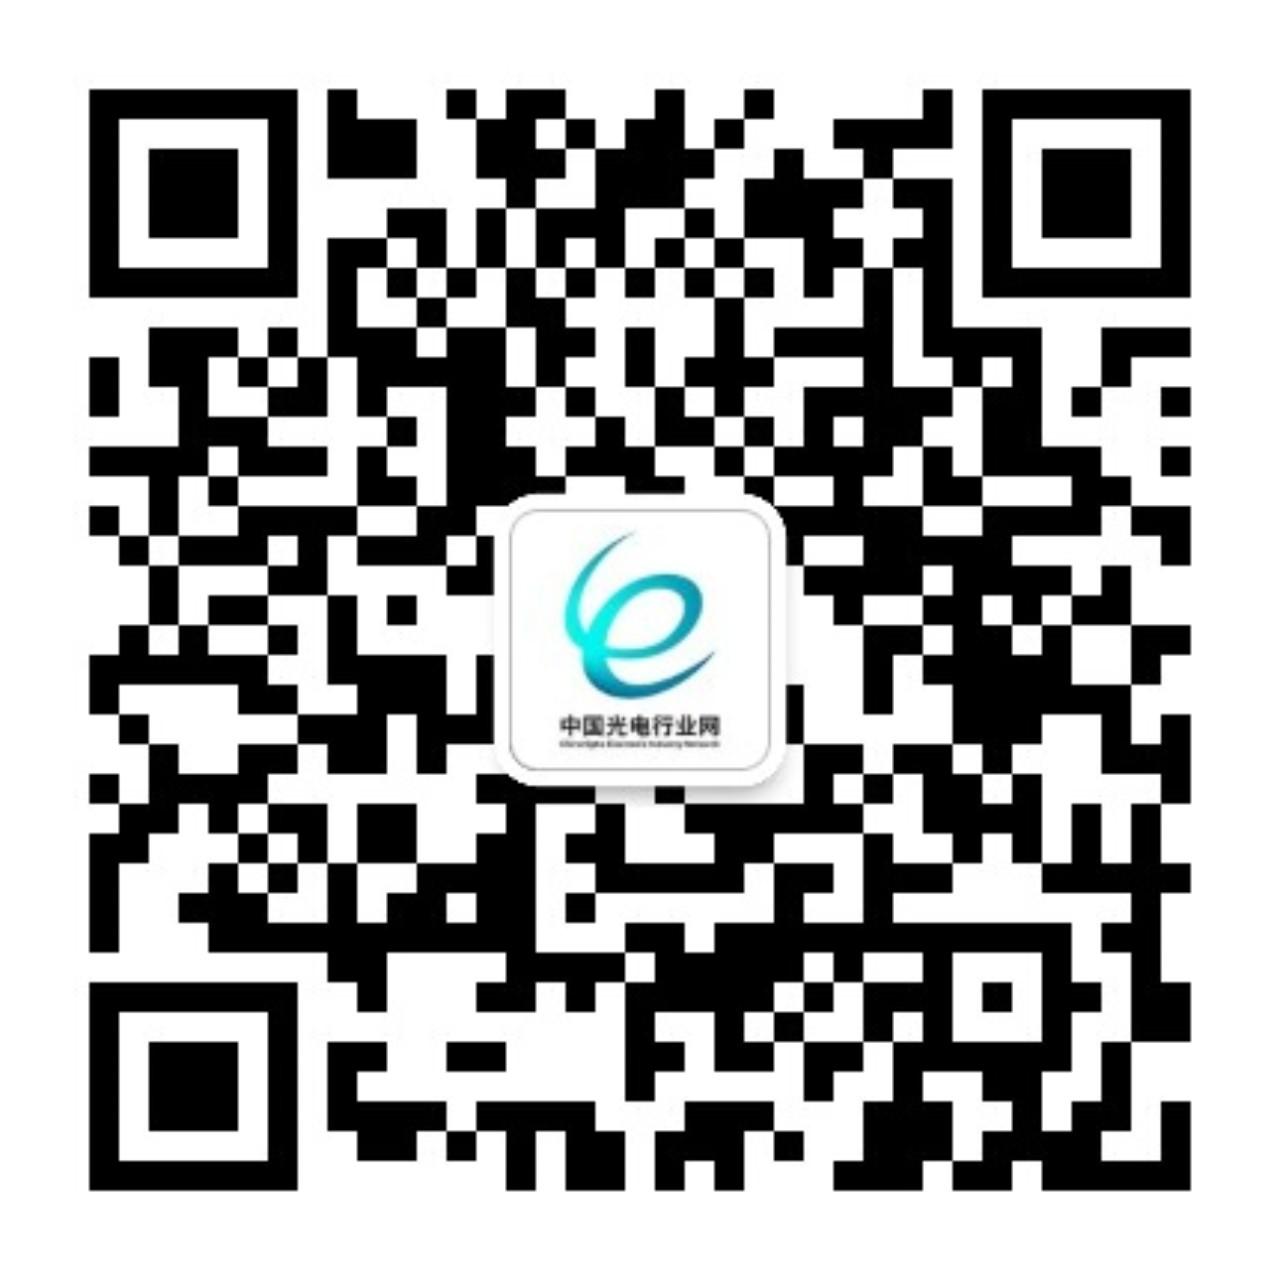 中国光电行业网 - 微信二维码